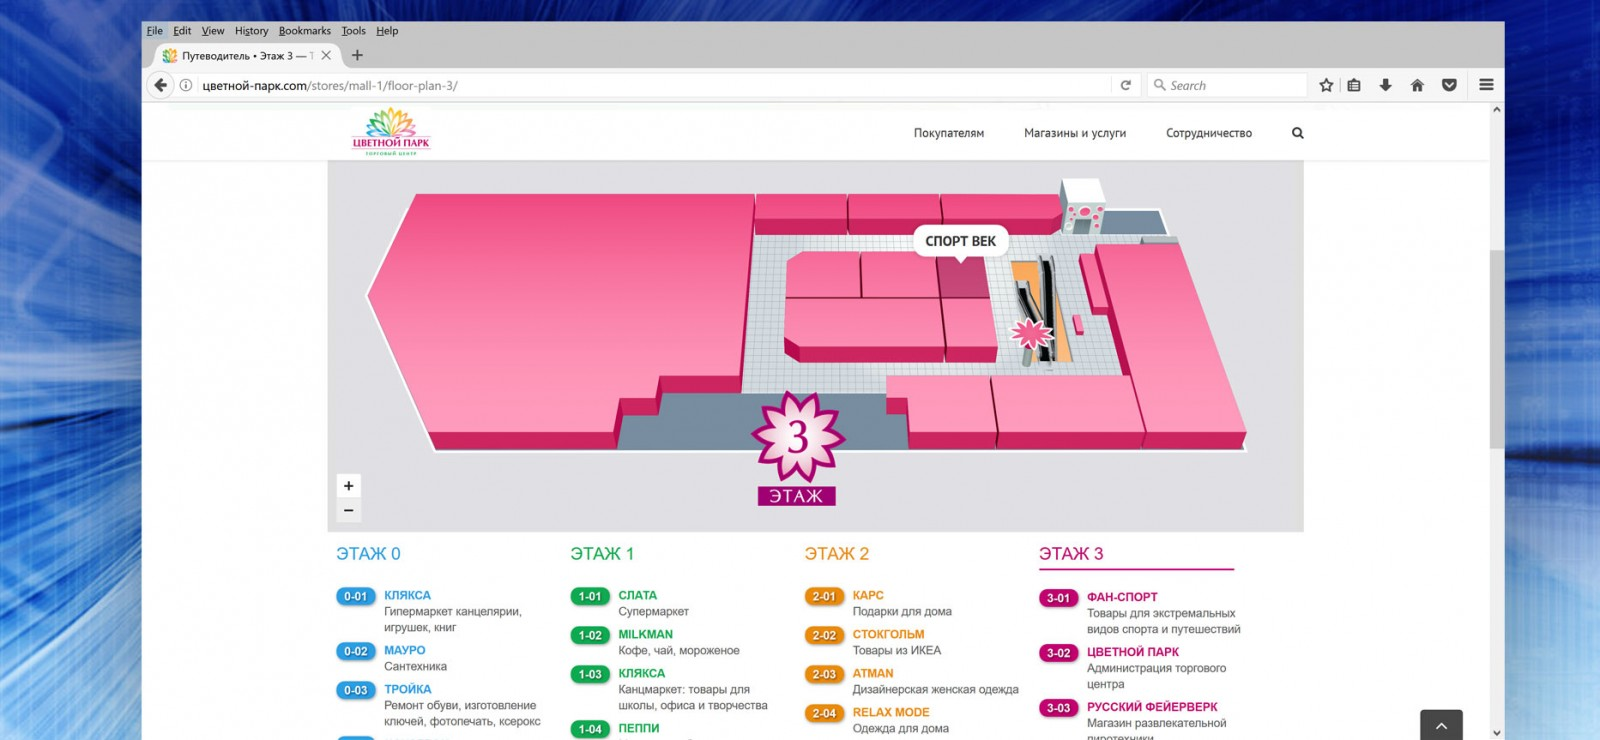 Дизайн специализированных сайтов для торговых центров и магазинов